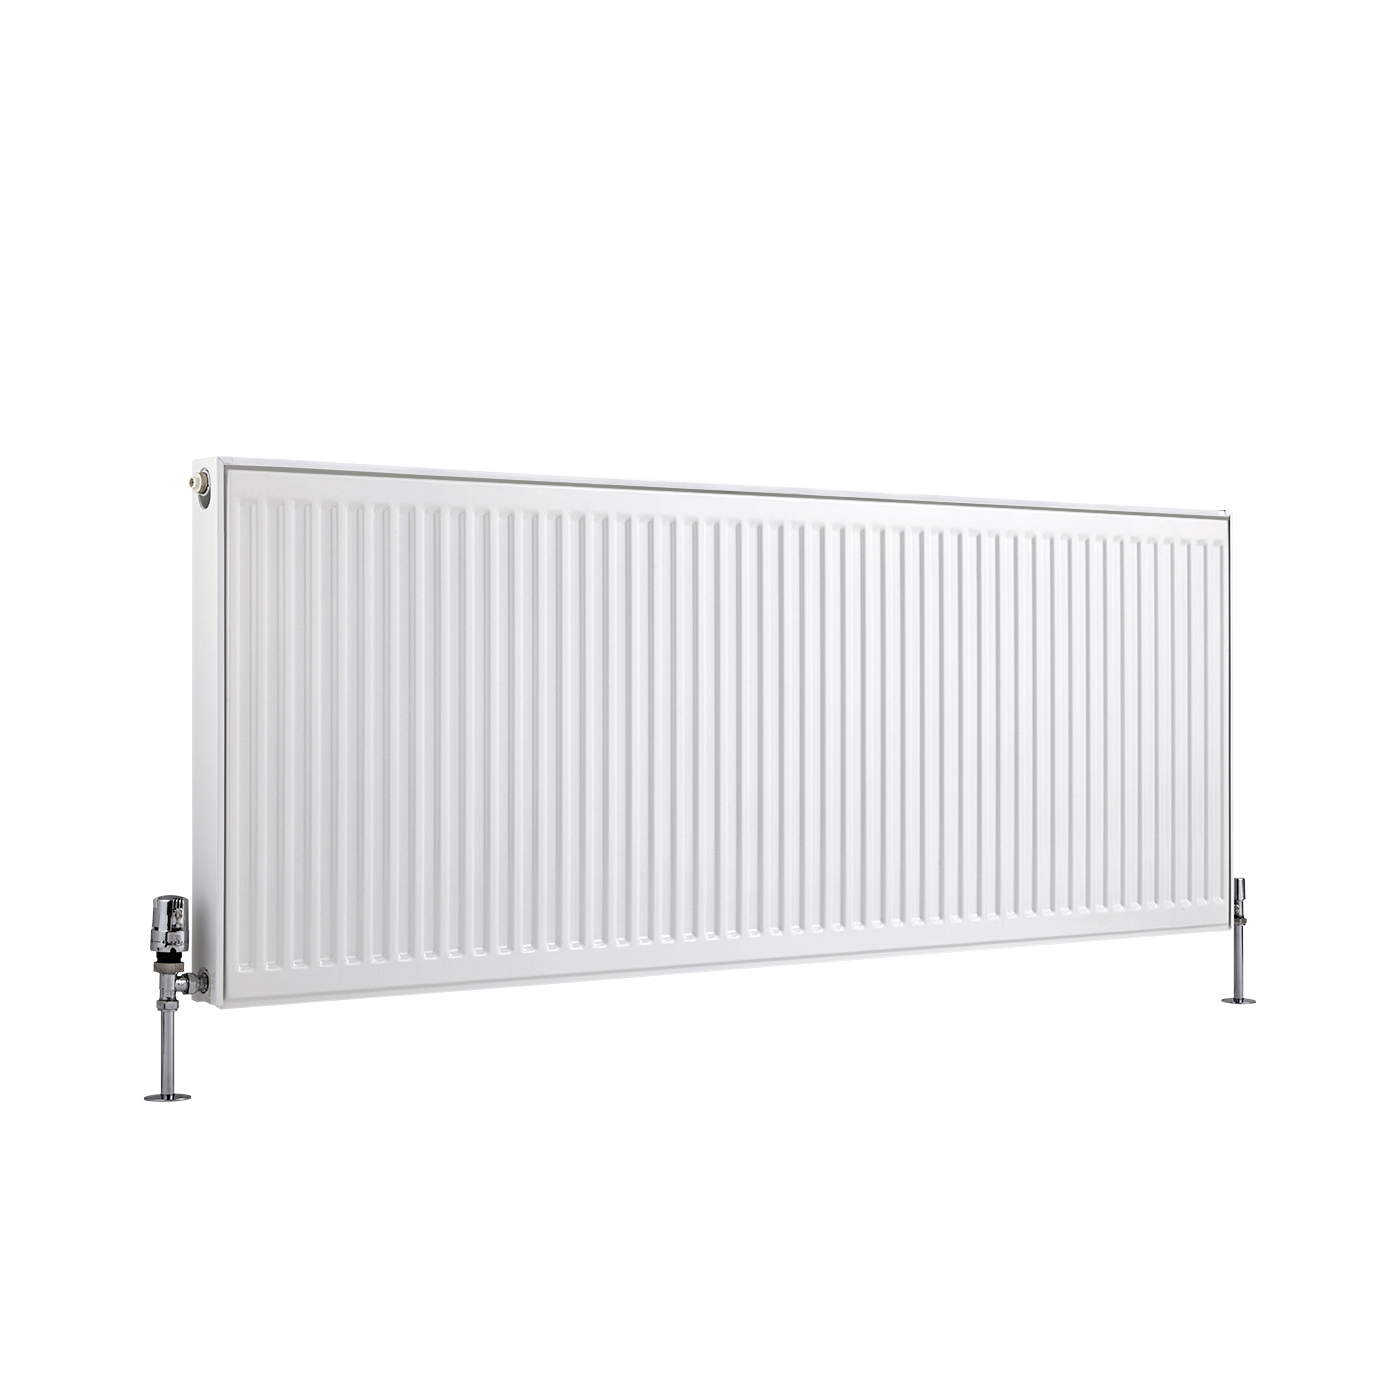 Radiador Convector Horizontal - Blanco - 600mm x 1600mm x 50mm - 1482 Vatios - Eco